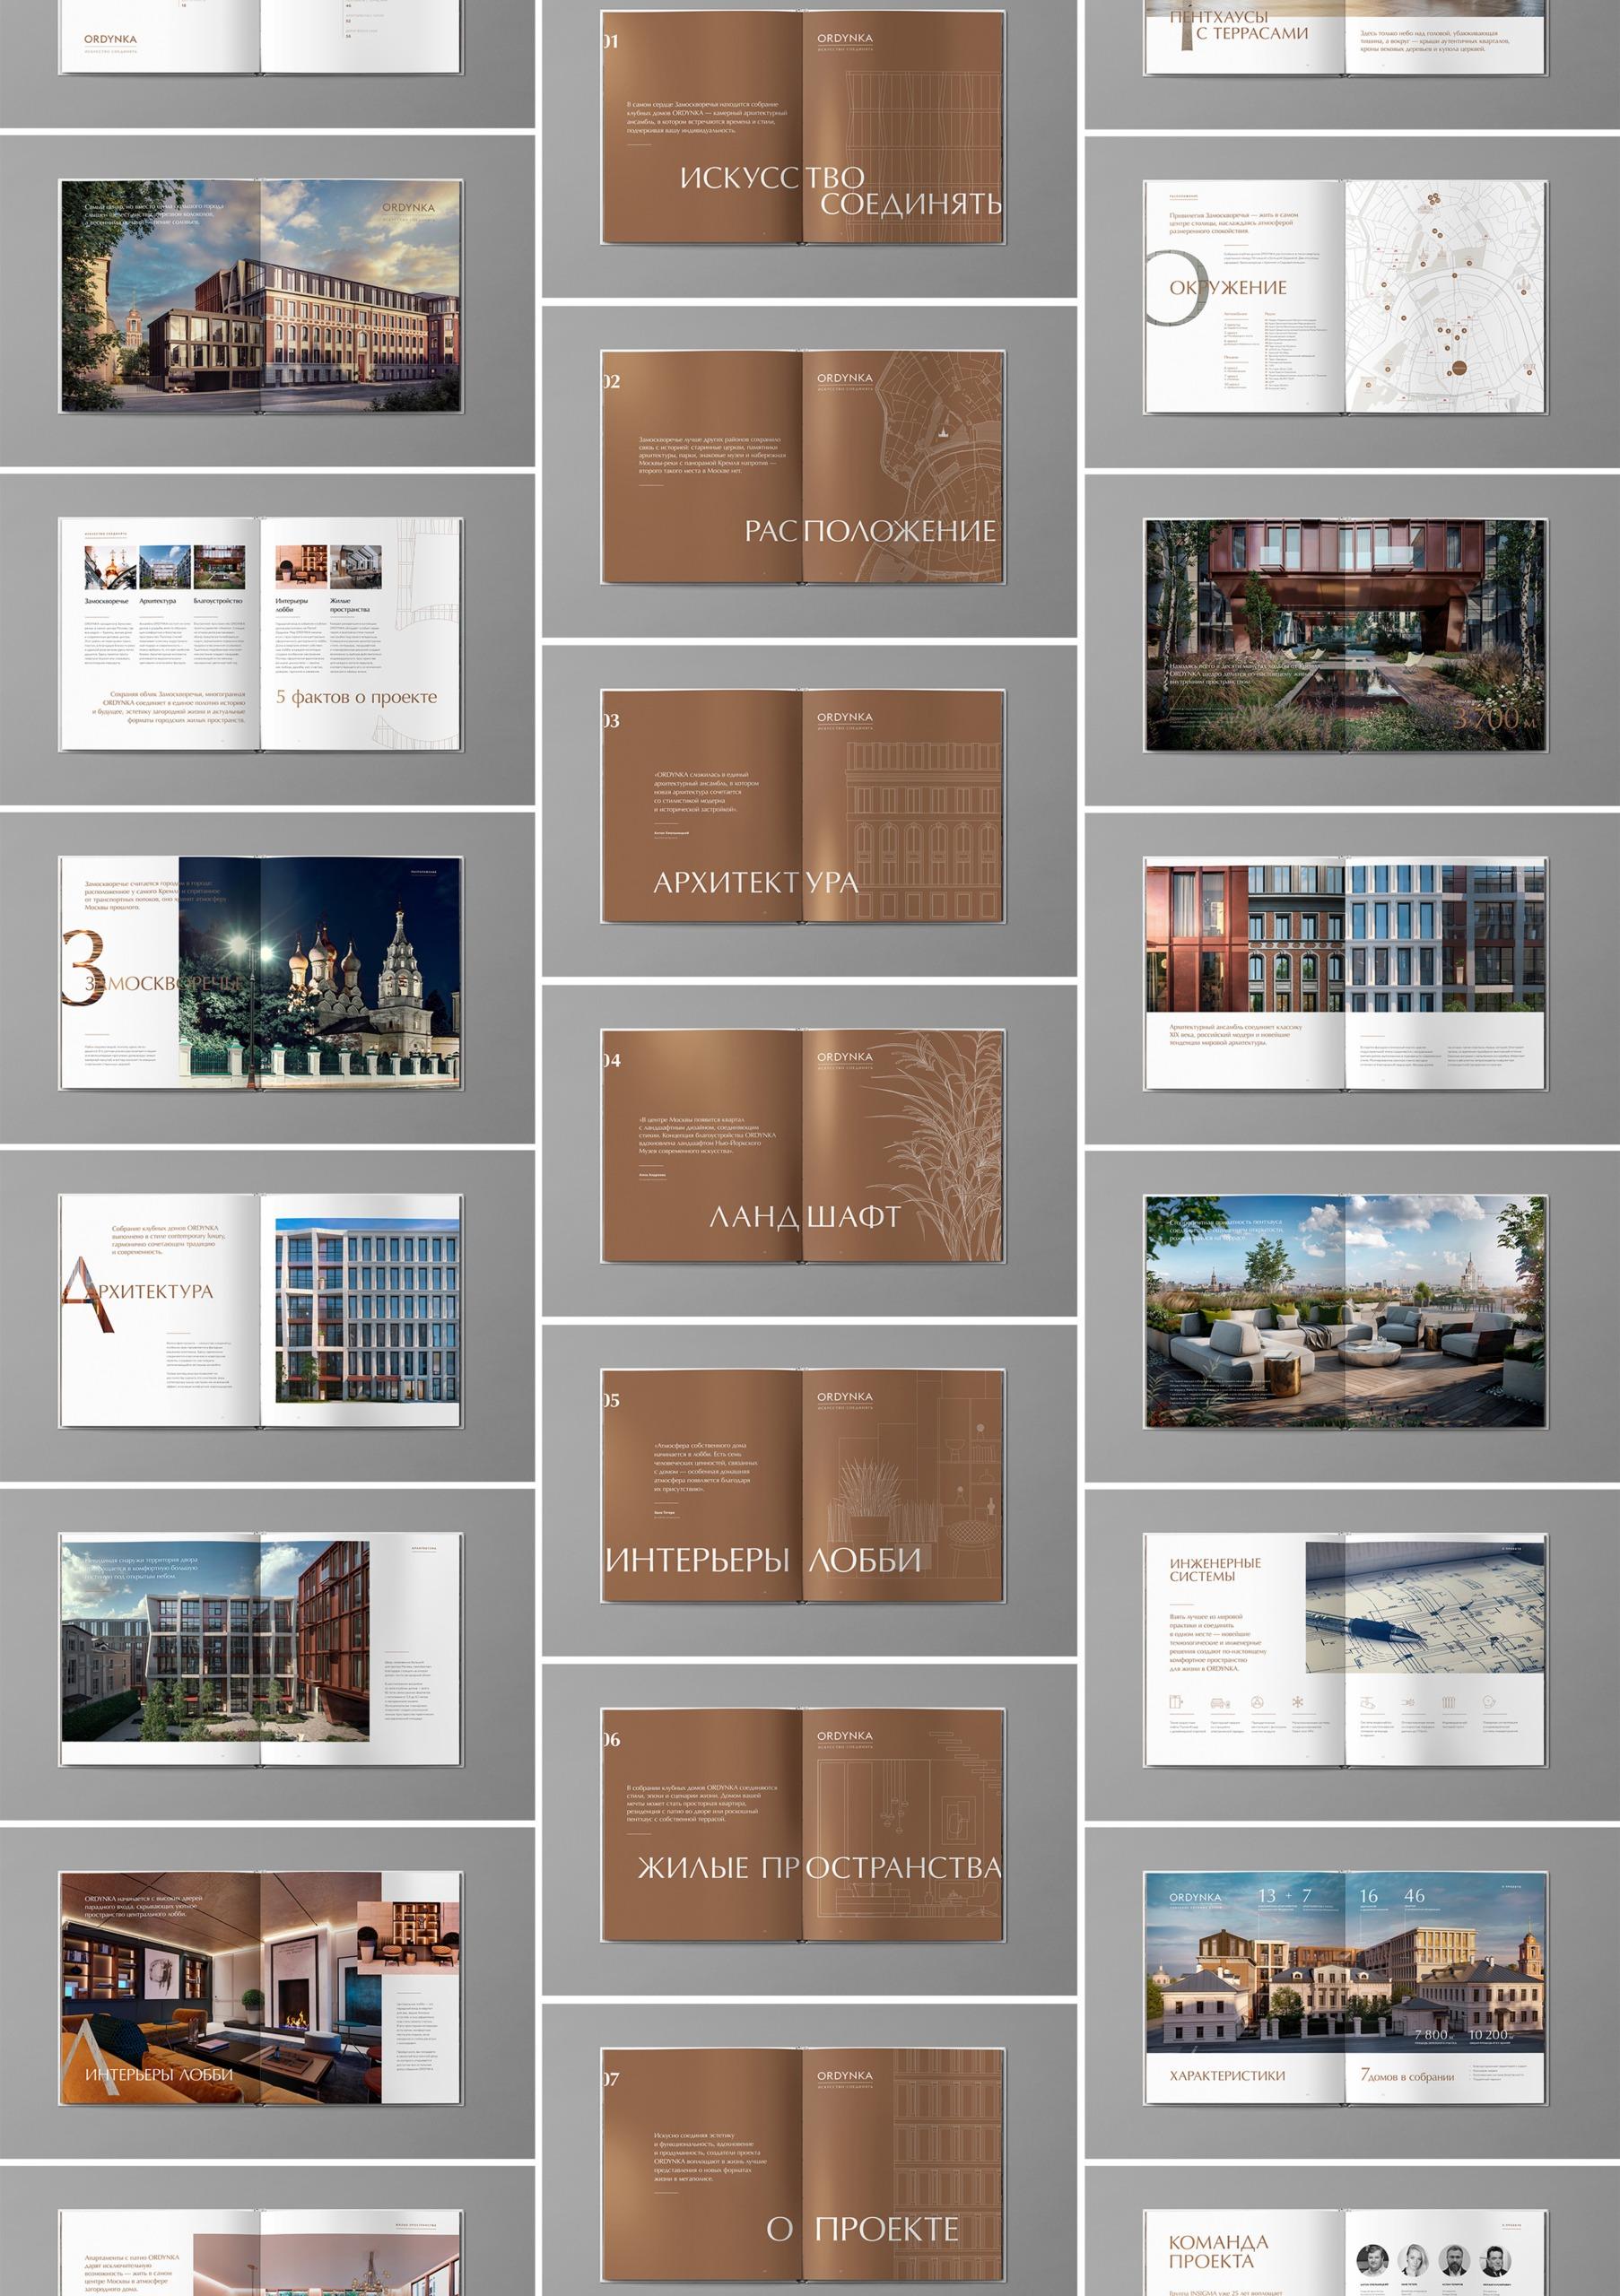 Unnamed File | Брошюра комплекса апартаментов Ordynka